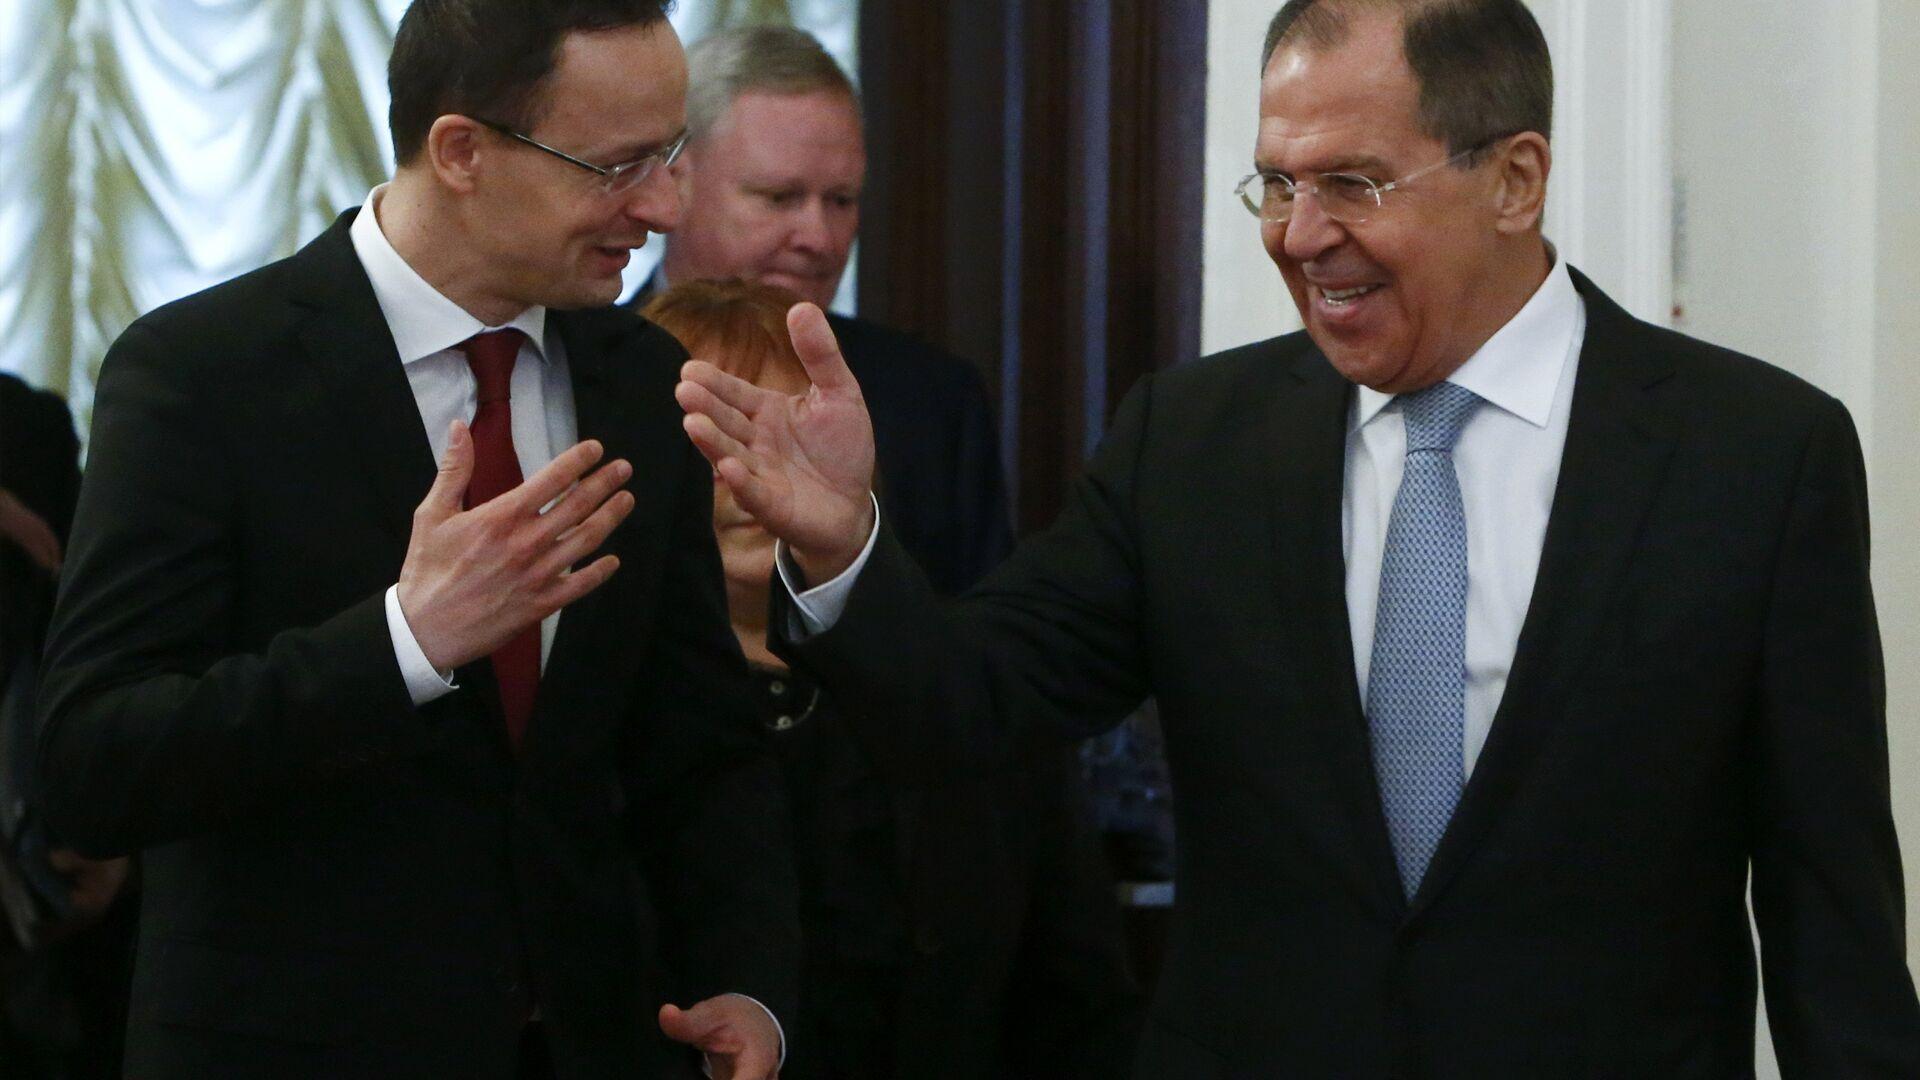 Ministar spoljnih poslova Mađarske Peter Sijarto i ministar spoljnih poslova Rusije Sergej Lavrov tokom sastanka u Moskvi - Sputnik Srbija, 1920, 24.08.2021